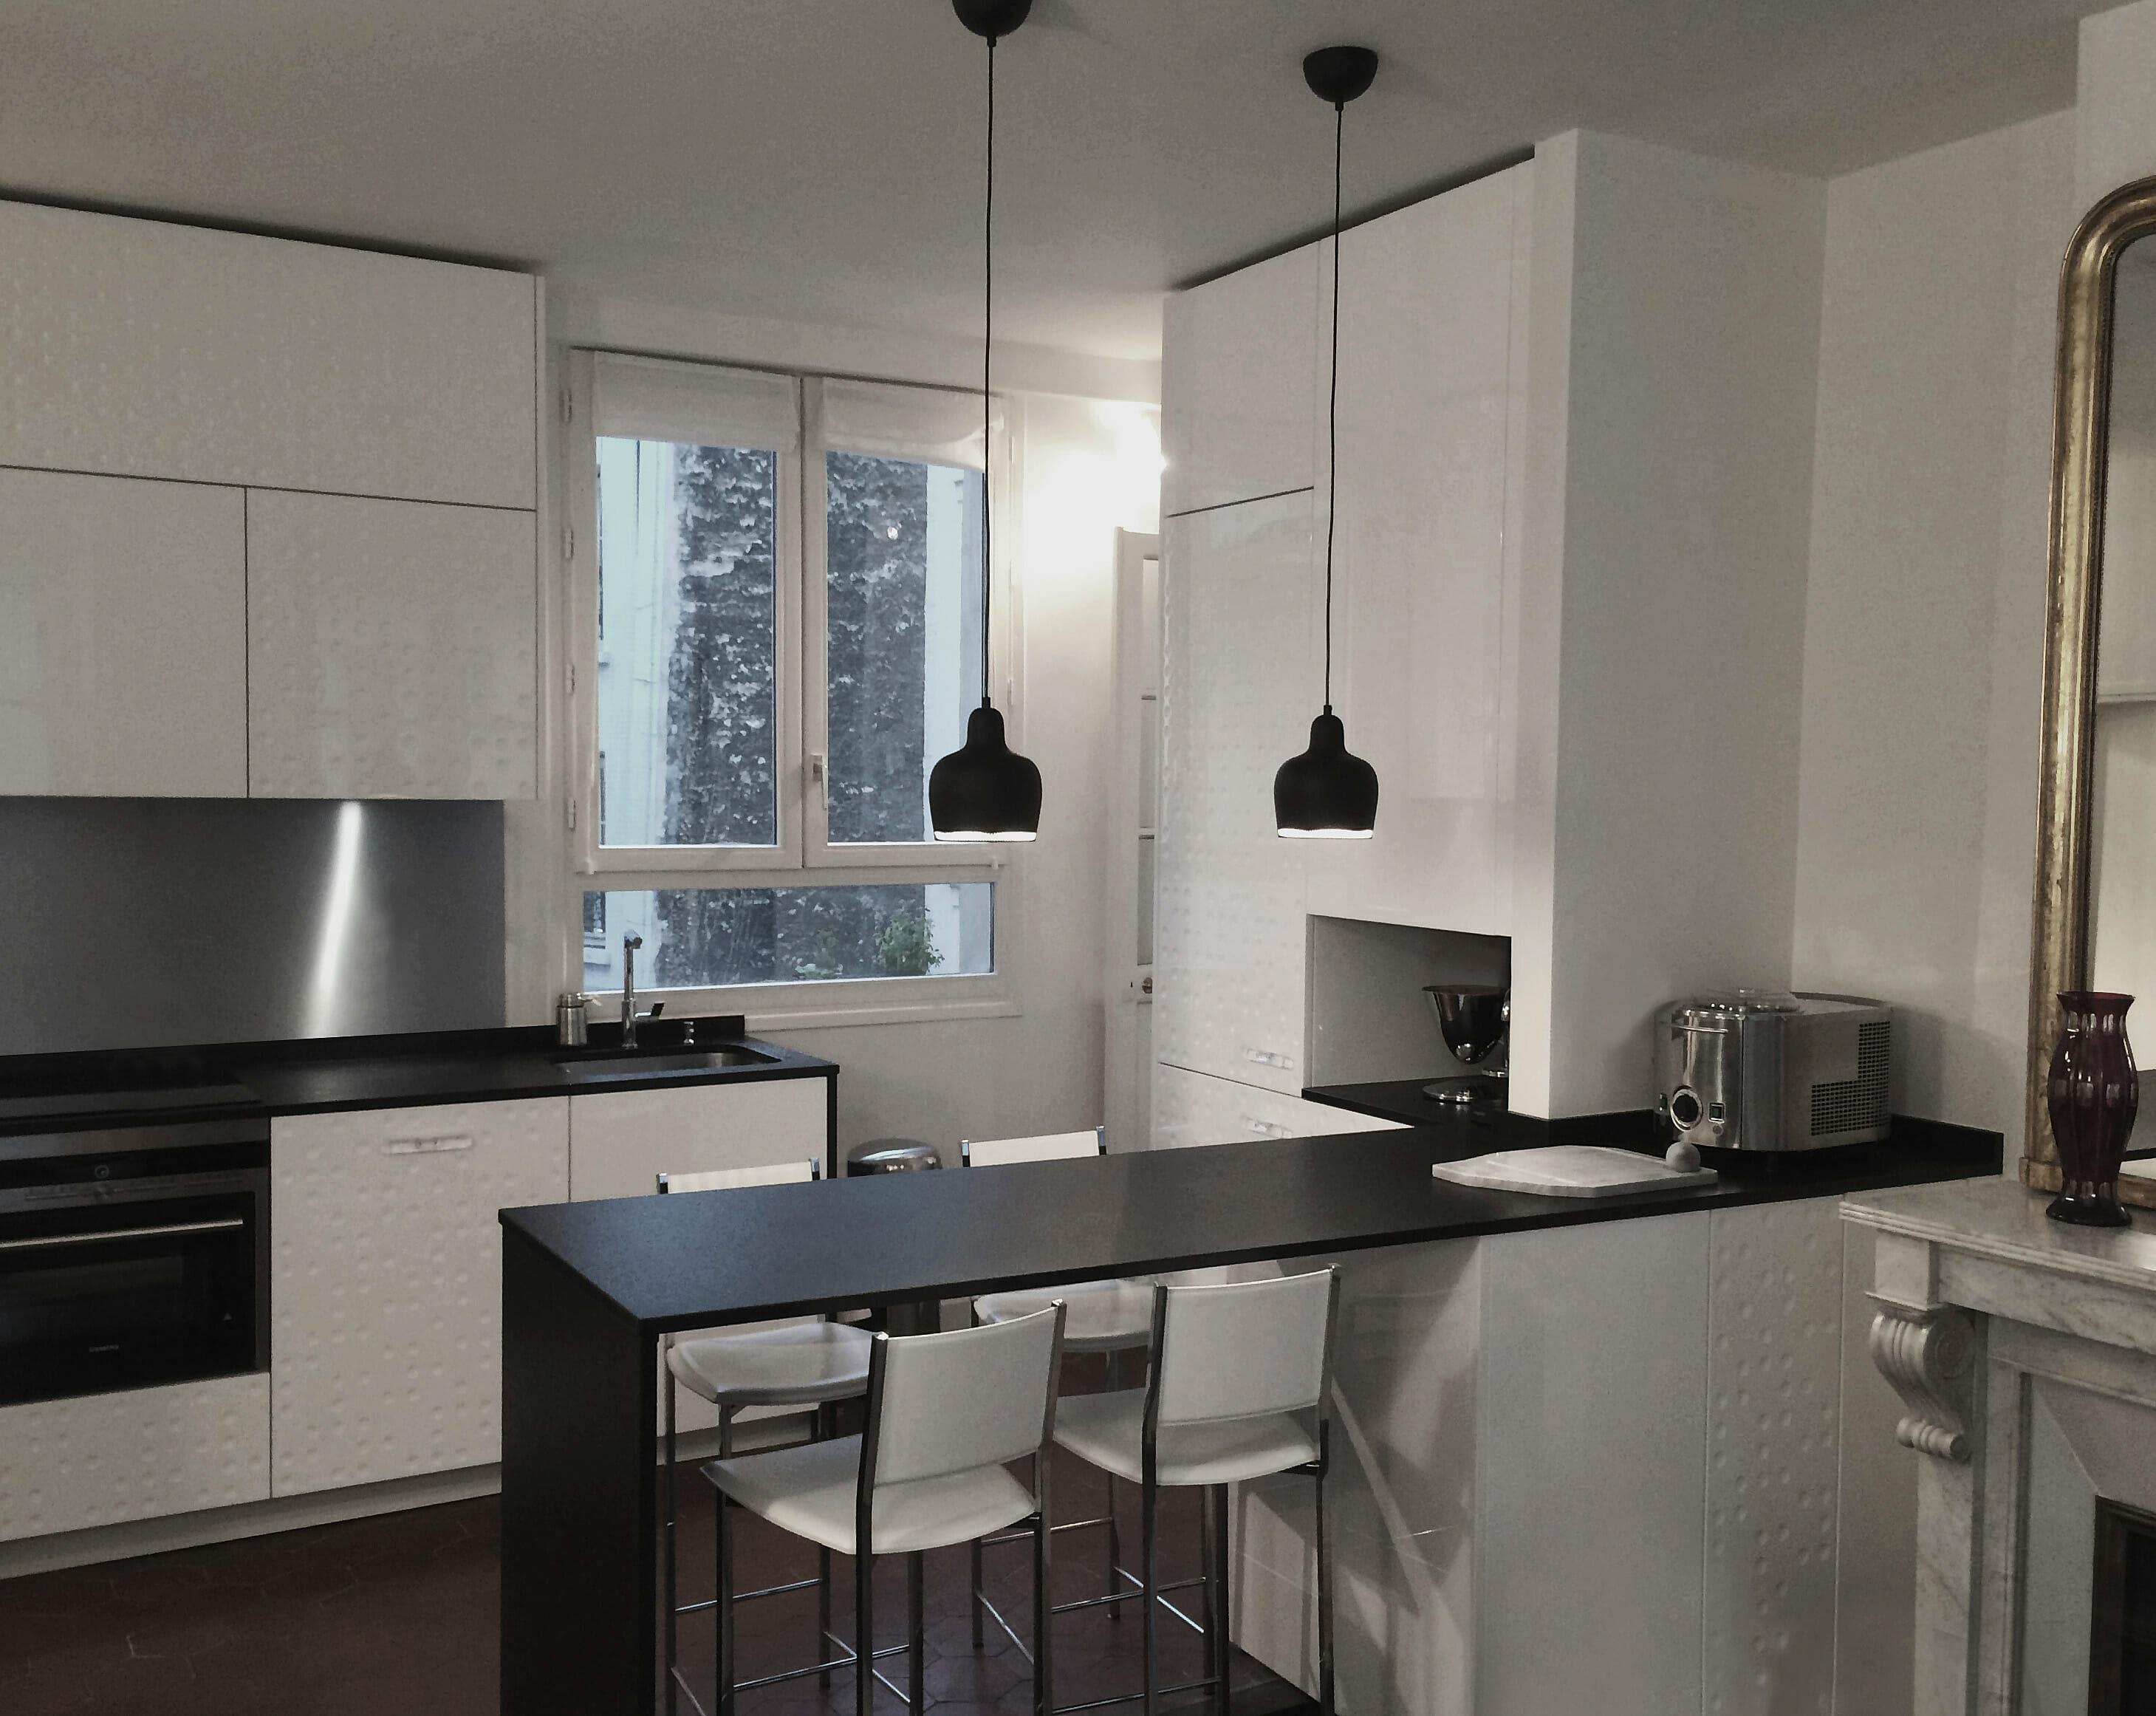 Decorilla interior designer spotlight laura attolini for Laurea interior design online